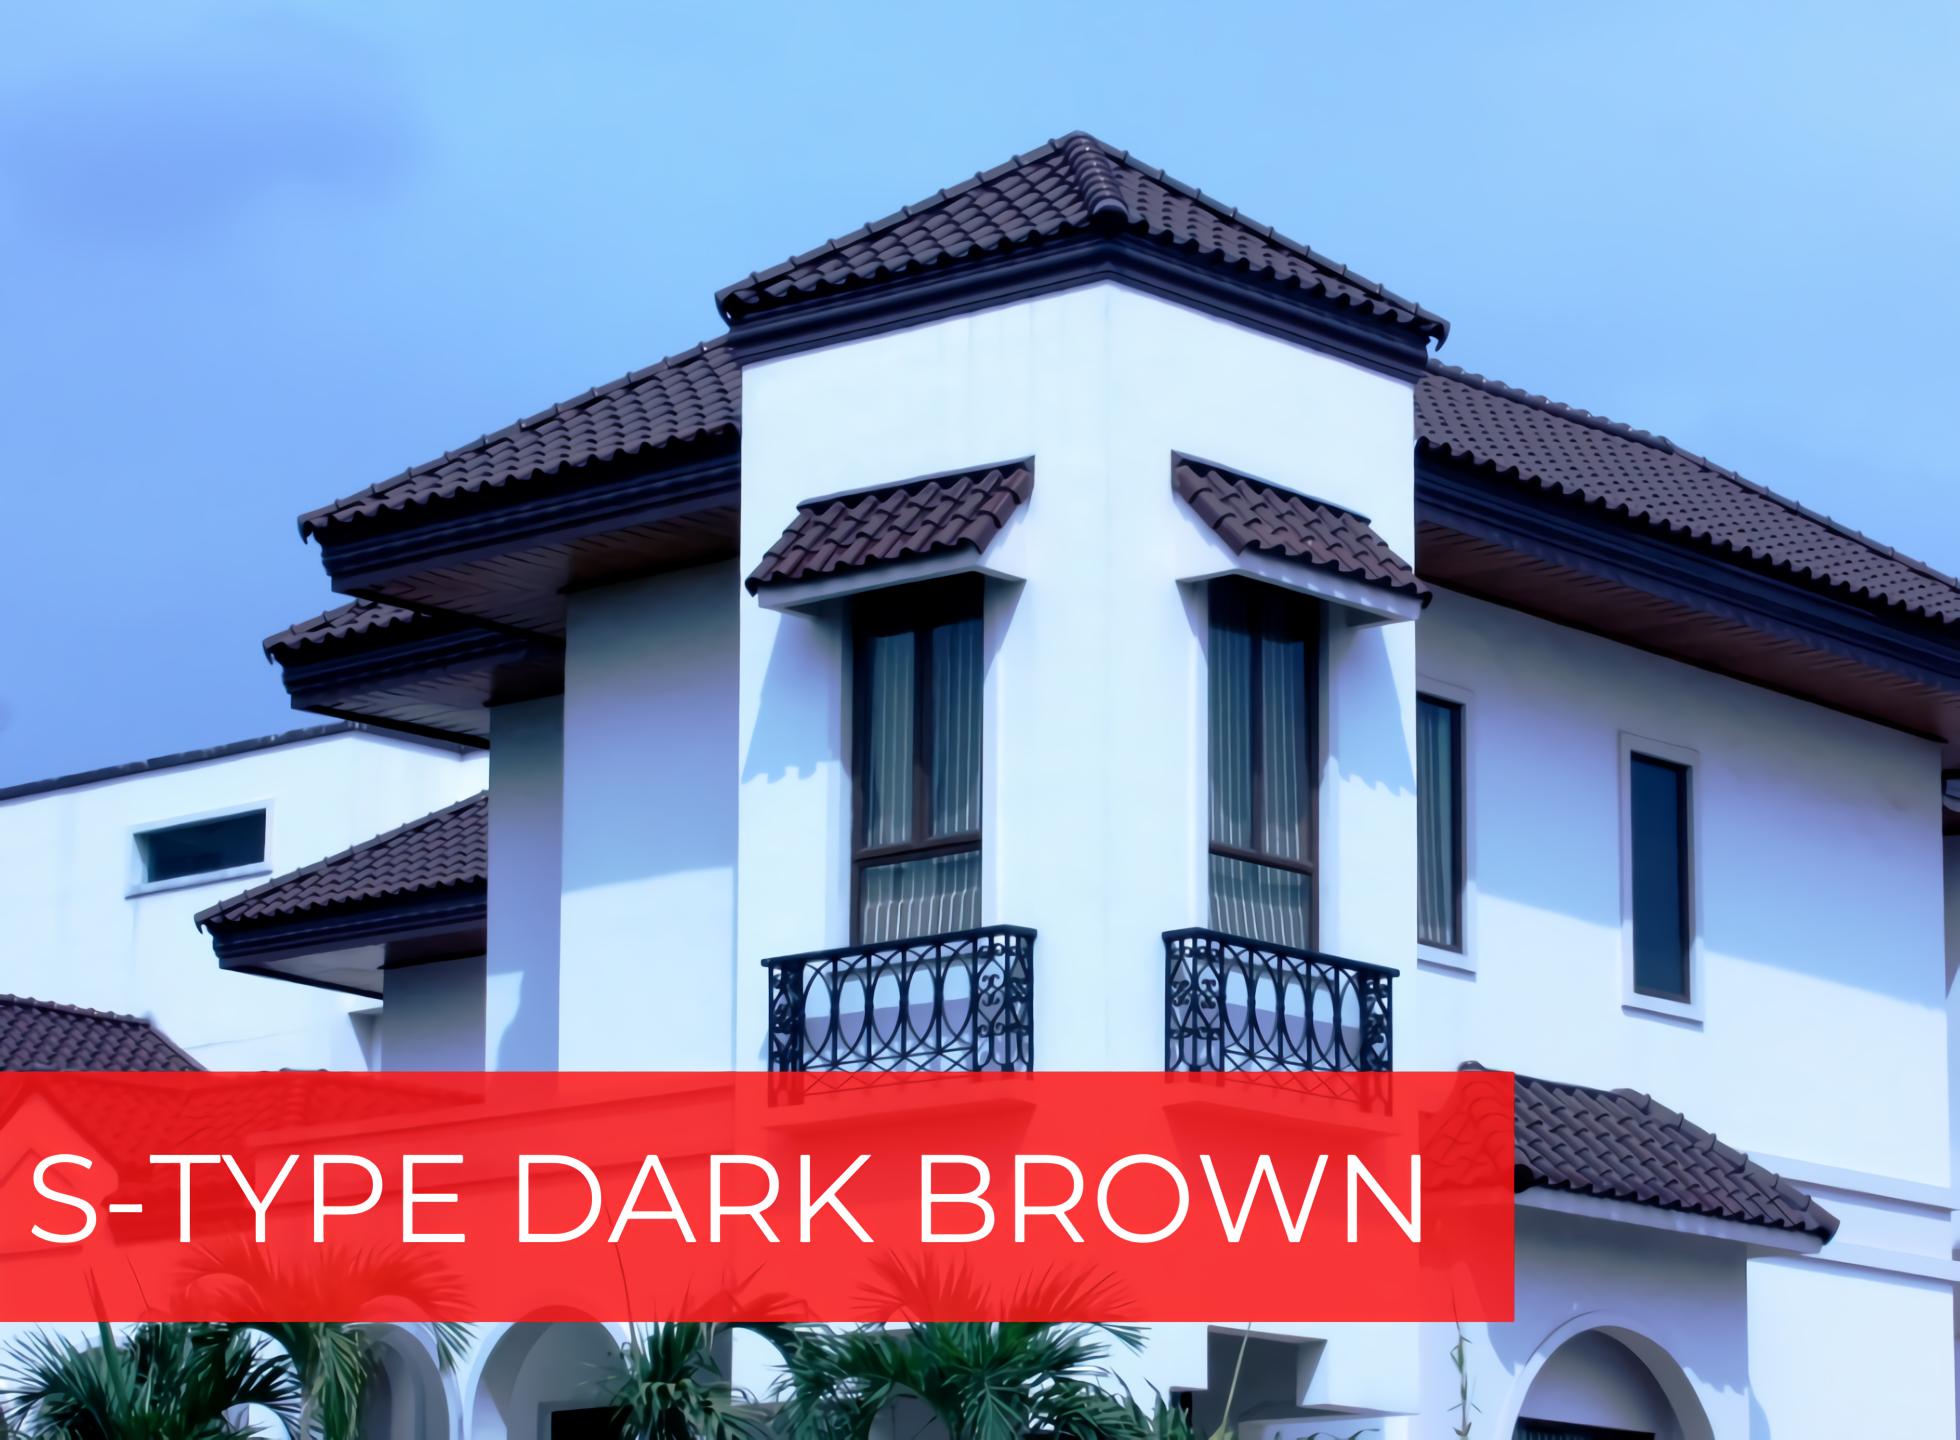 S-TYPE DARK BROWN photo